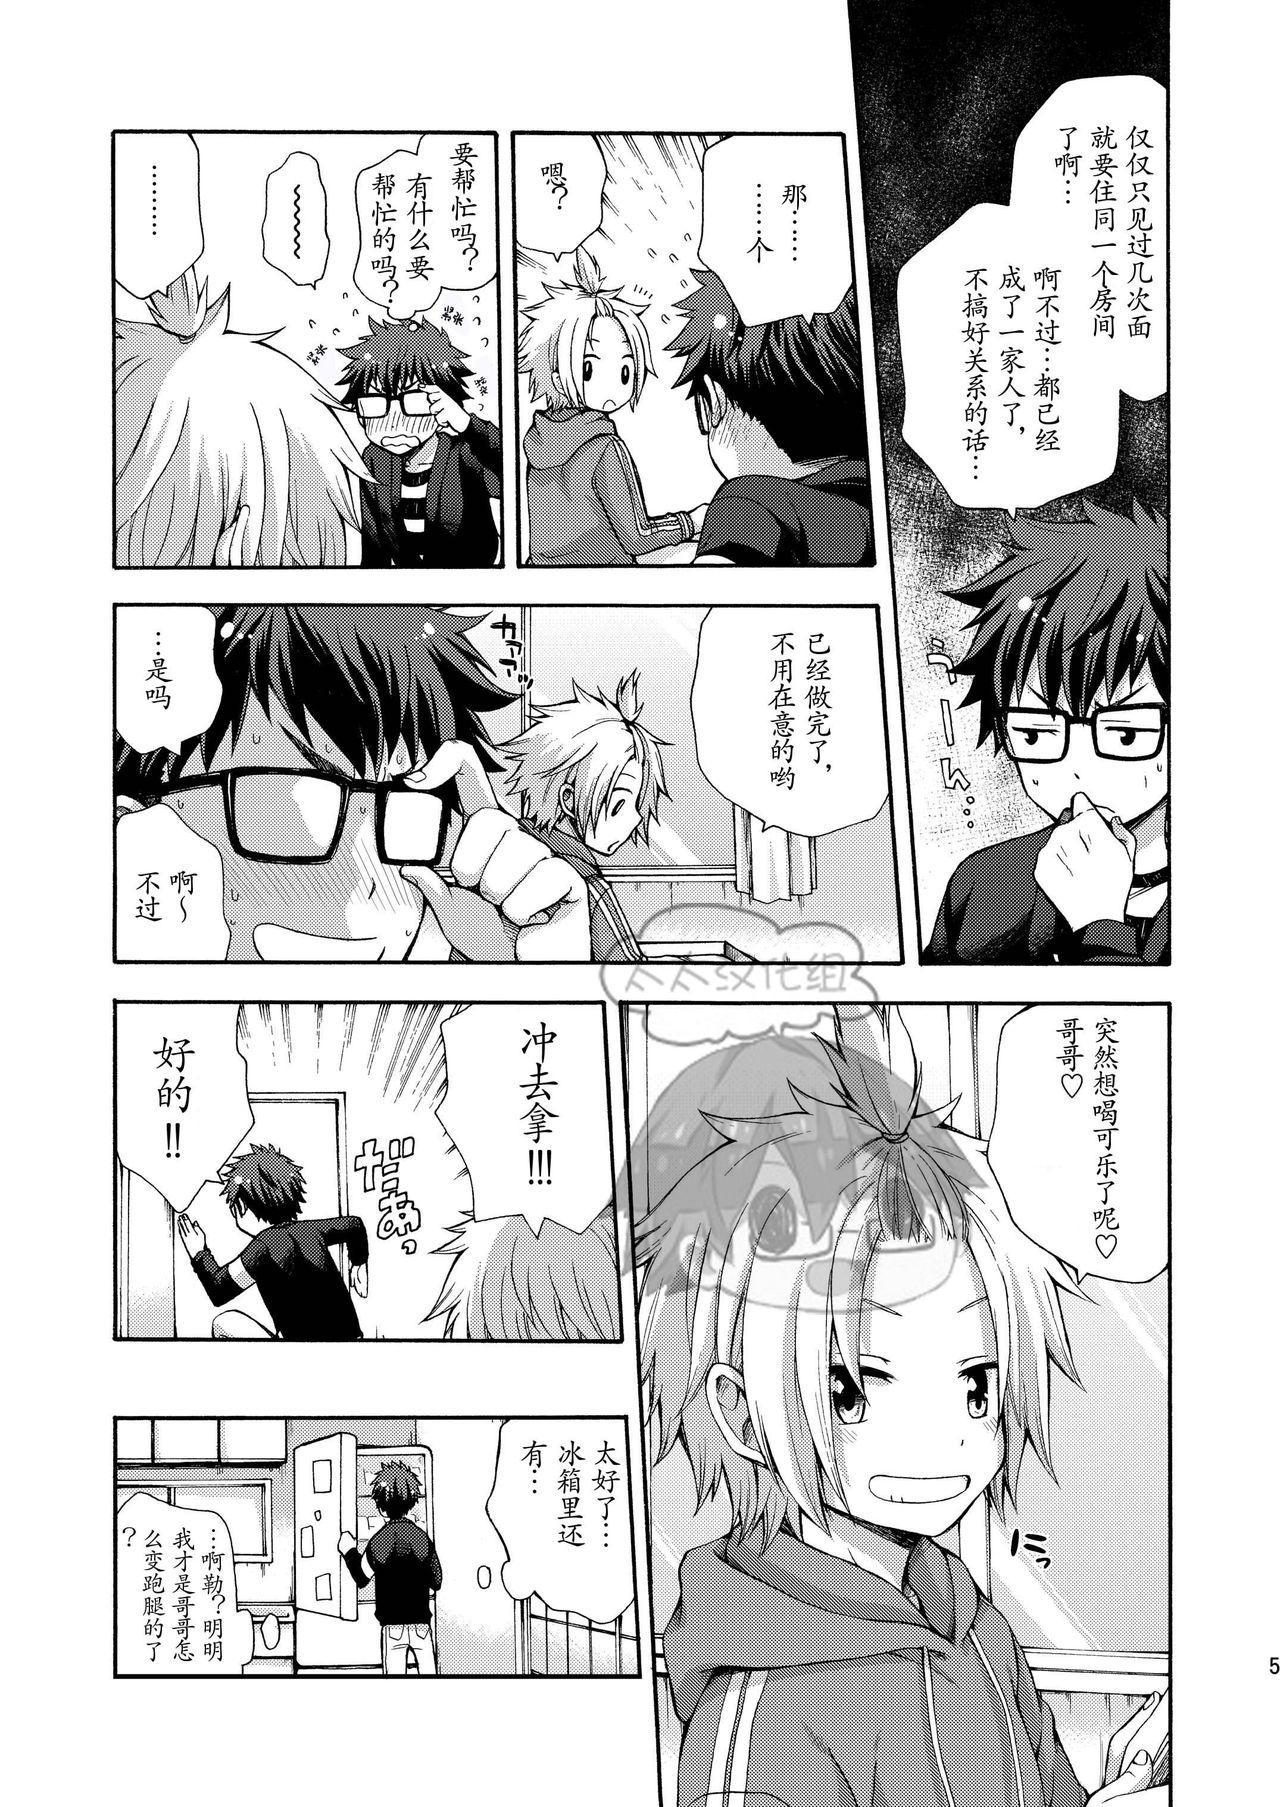 Otouto ga Dekimashita 4